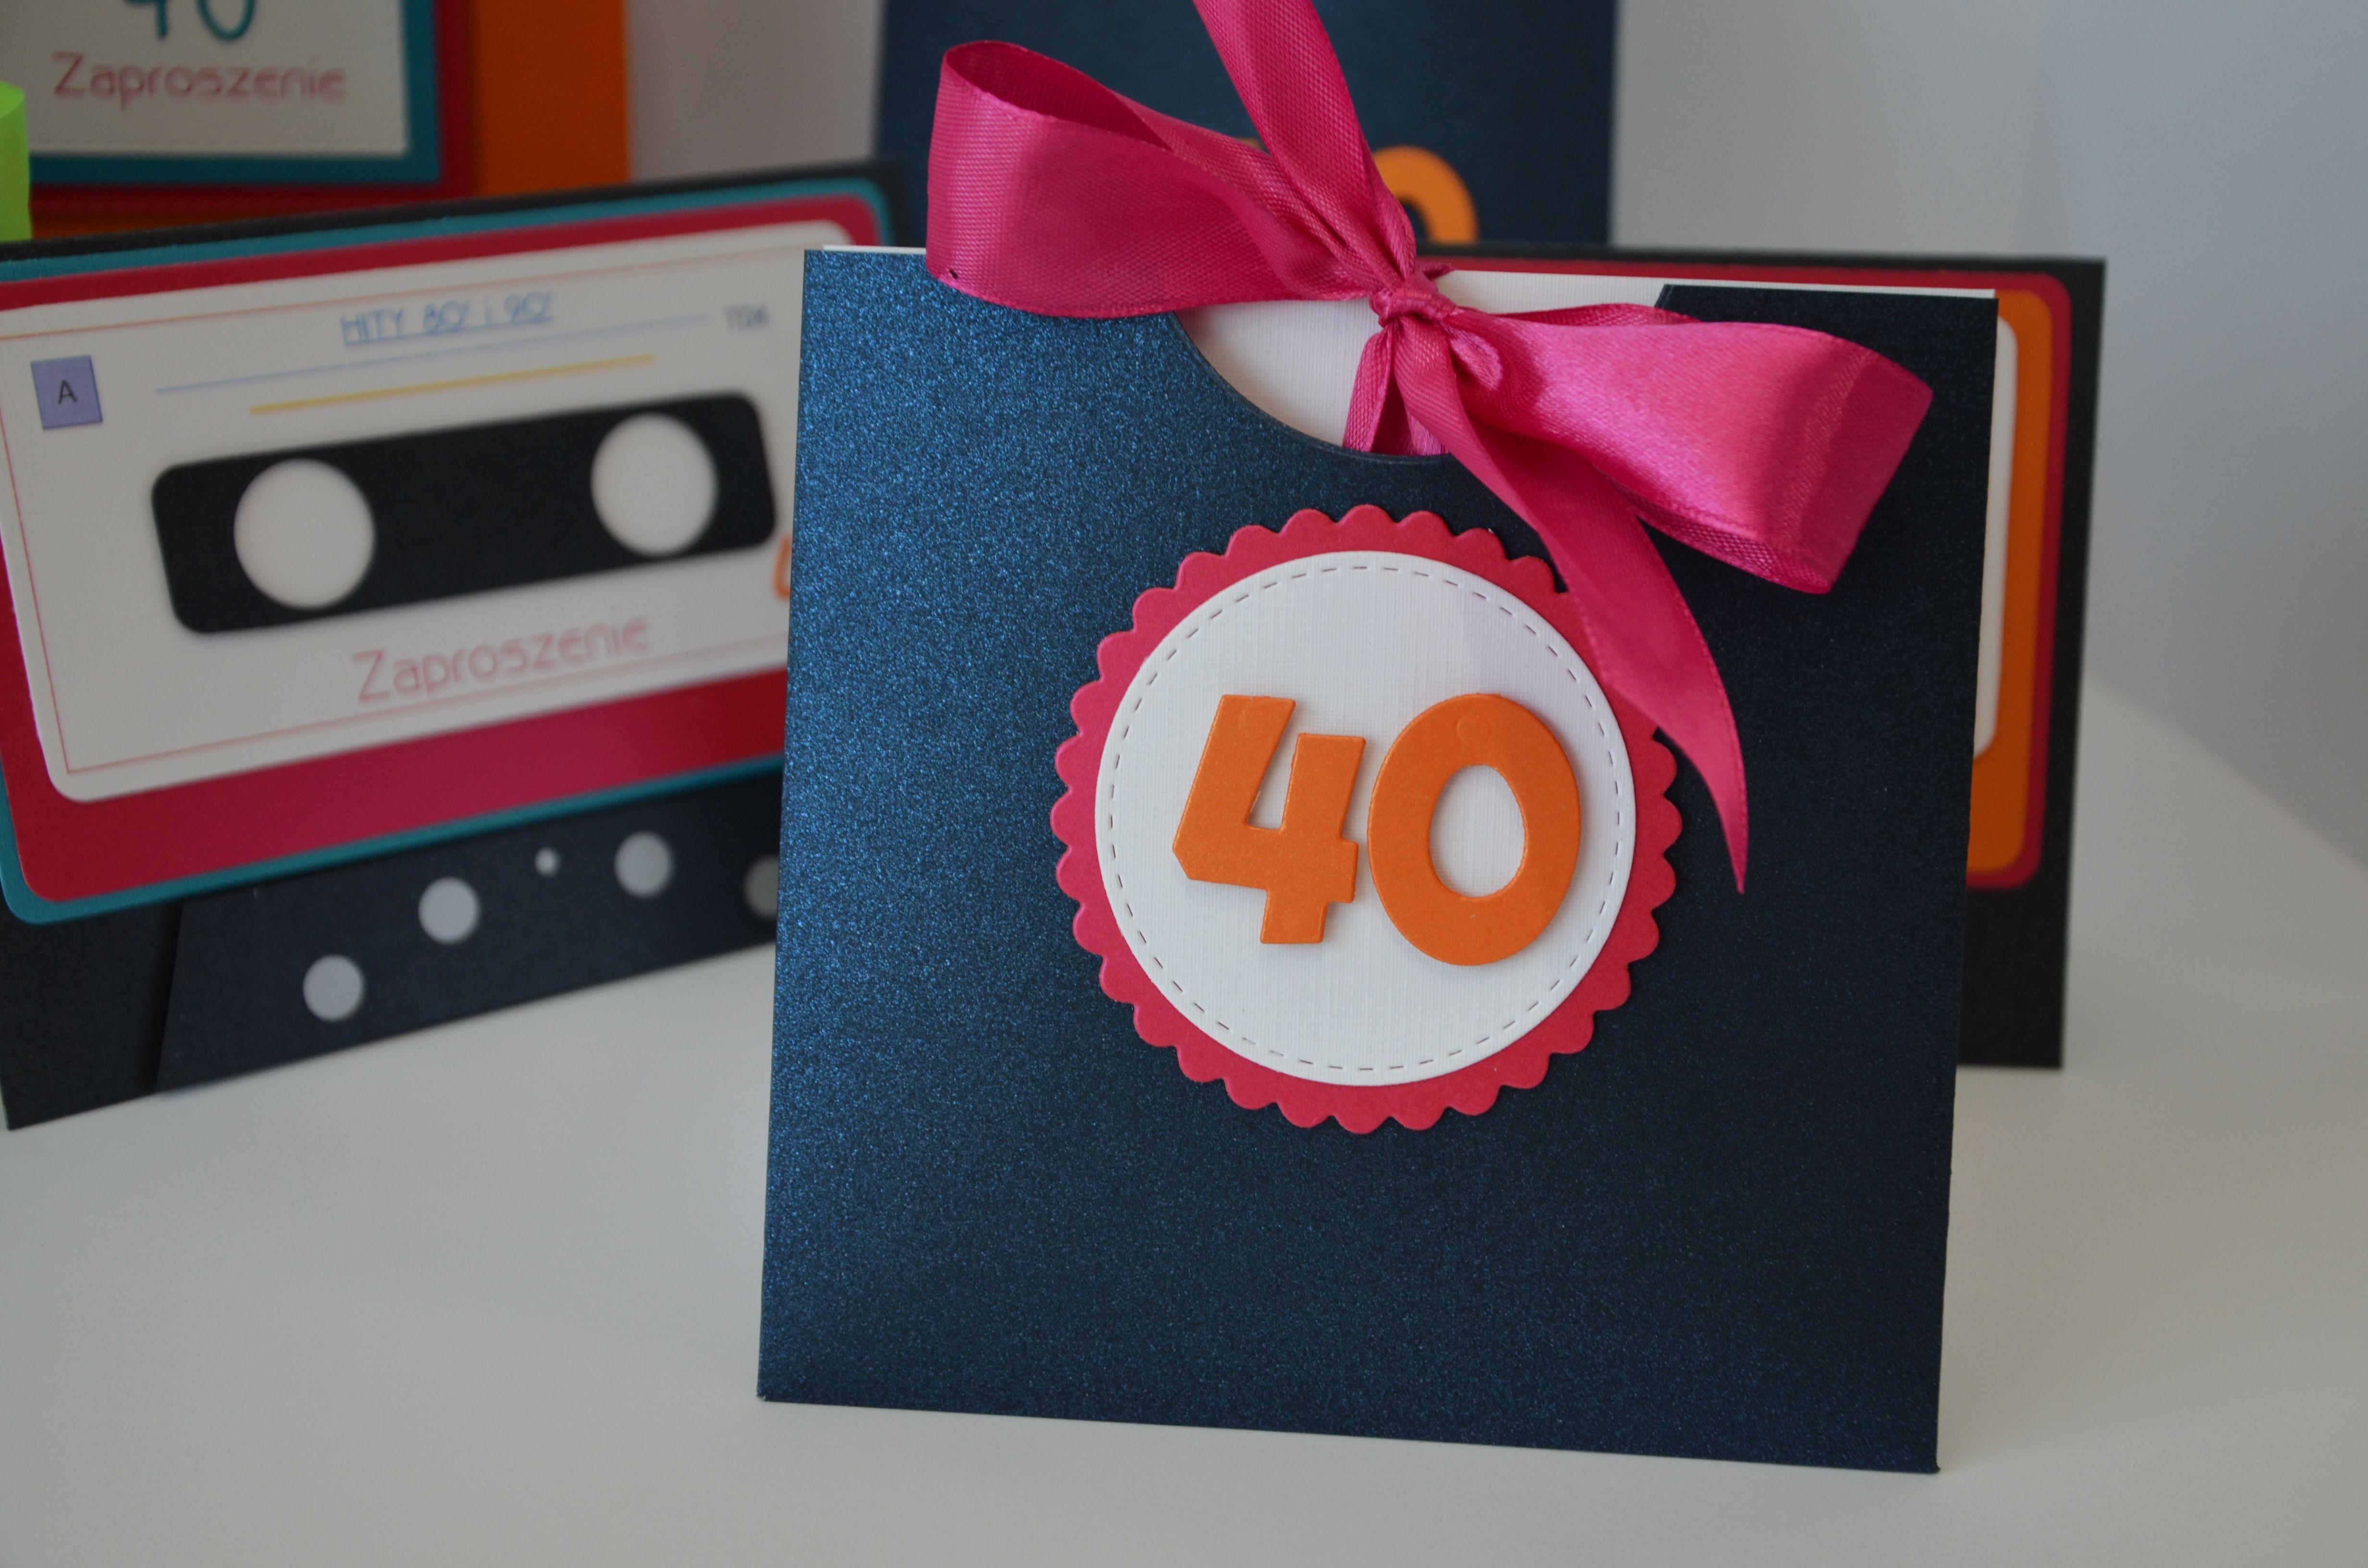 Zaproszenie Na 40 Urodziny Zaproszenie 40 Urodziny Urodziny